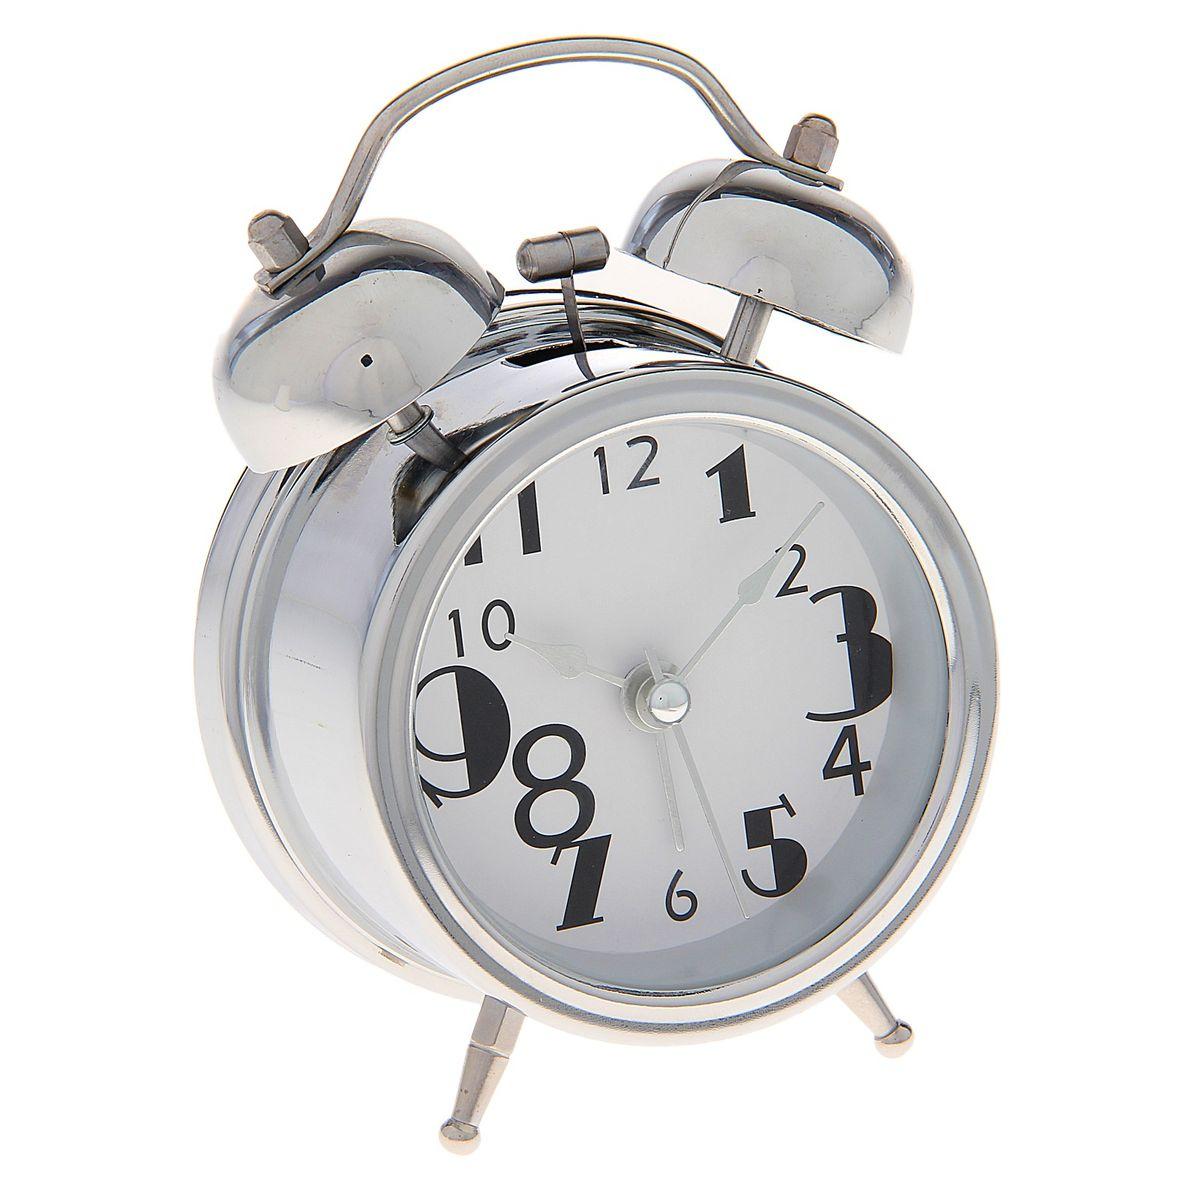 Часы-будильник Sima-land. 720815720815Как же сложно иногда вставать вовремя! Всегда так хочется поспать еще хотя бы 5 минут и бывает, что мы просыпаем. Теперь этого не случится! Яркий, оригинальный будильник Sima-land поможет вам всегда вставать в нужное время и успевать везде и всюду. Время показывает точно и будит в установленный час. Будильник украсит вашу комнату и приведет в восхищение друзей. На задней панели будильника расположены переключатель включения/выключения механизма и два колесика для настройки текущего времени и времени звонка будильника. Также будильник оснащен кнопкой, при нажатии и удержании которой, подсвечивается циферблат. Будильник работает от 1 батарейки типа AA напряжением 1,5V (не входит в комплект).